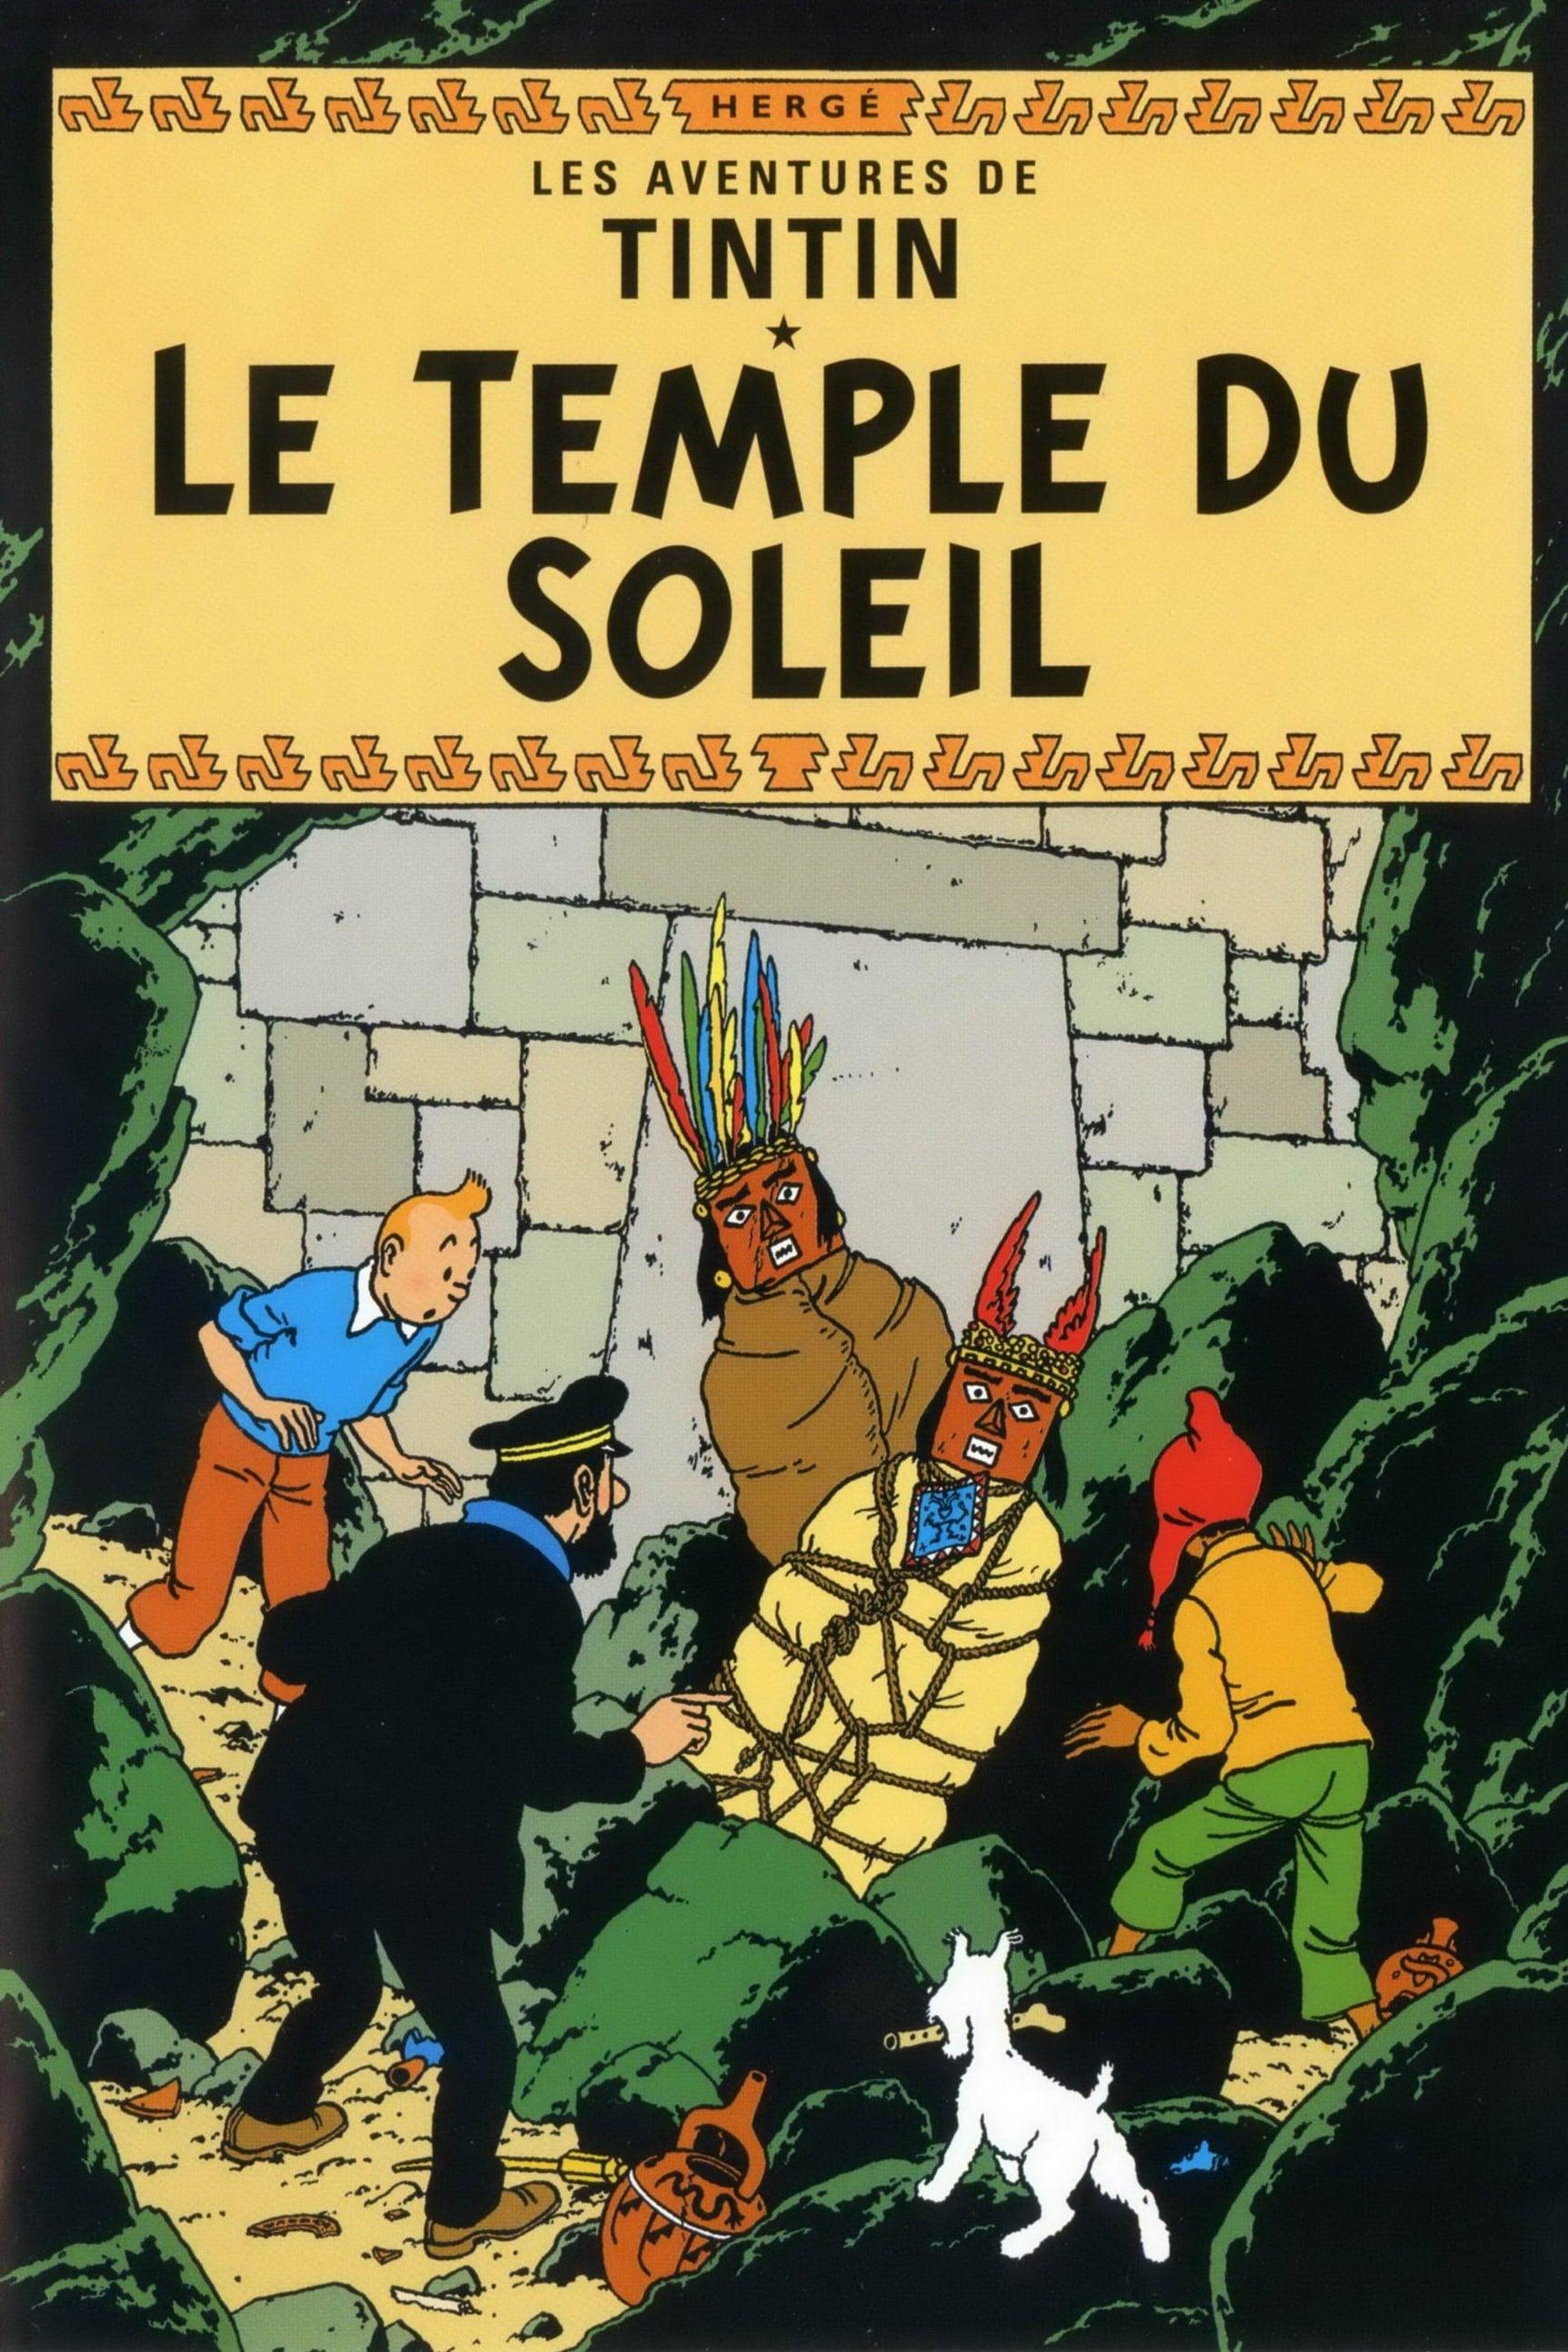 Les Aventures De Tintin 12 Le Temple Du Soleil - 1992